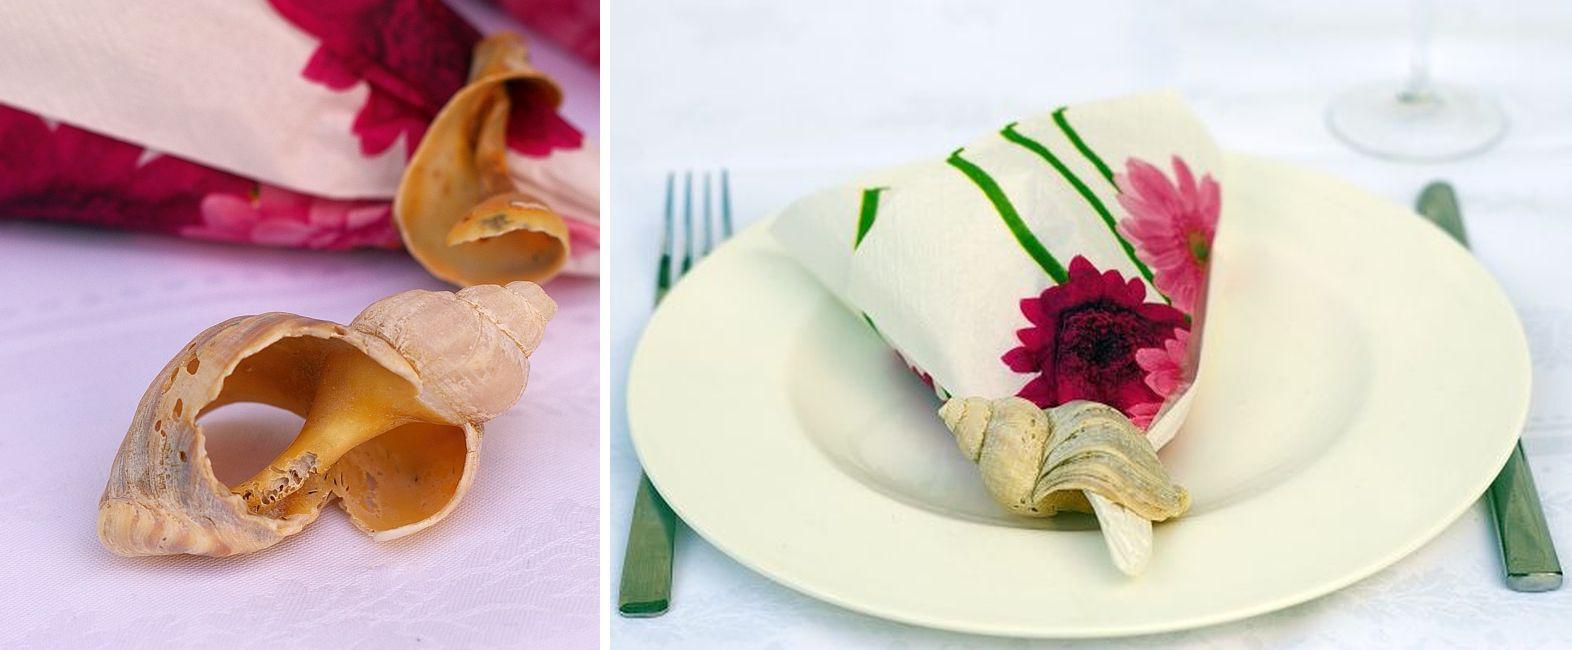 Muscheln als Serviettenring, Tischdeko mit Muscheln